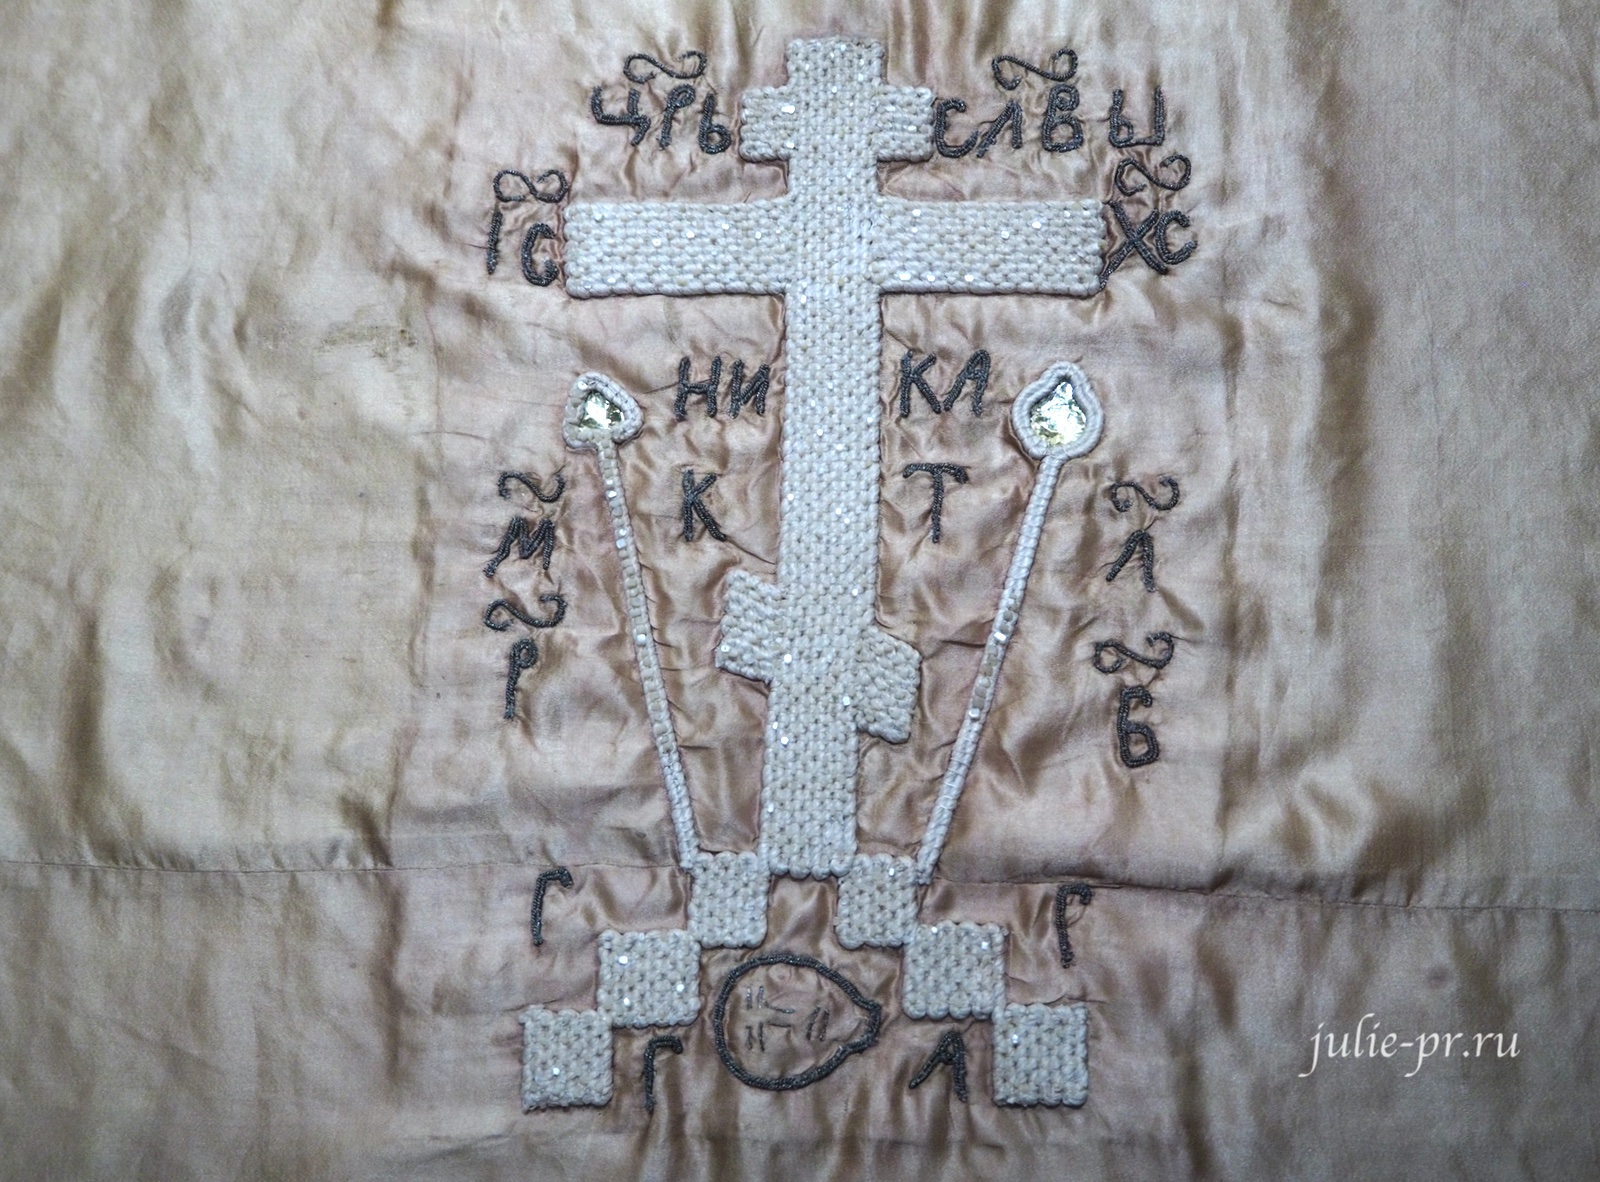 """Пелена """"Голгофский крест"""" (Русский Север, начало XVIII века): вышивка шёлковыми и золотными нитями и перламутров по атласу"""